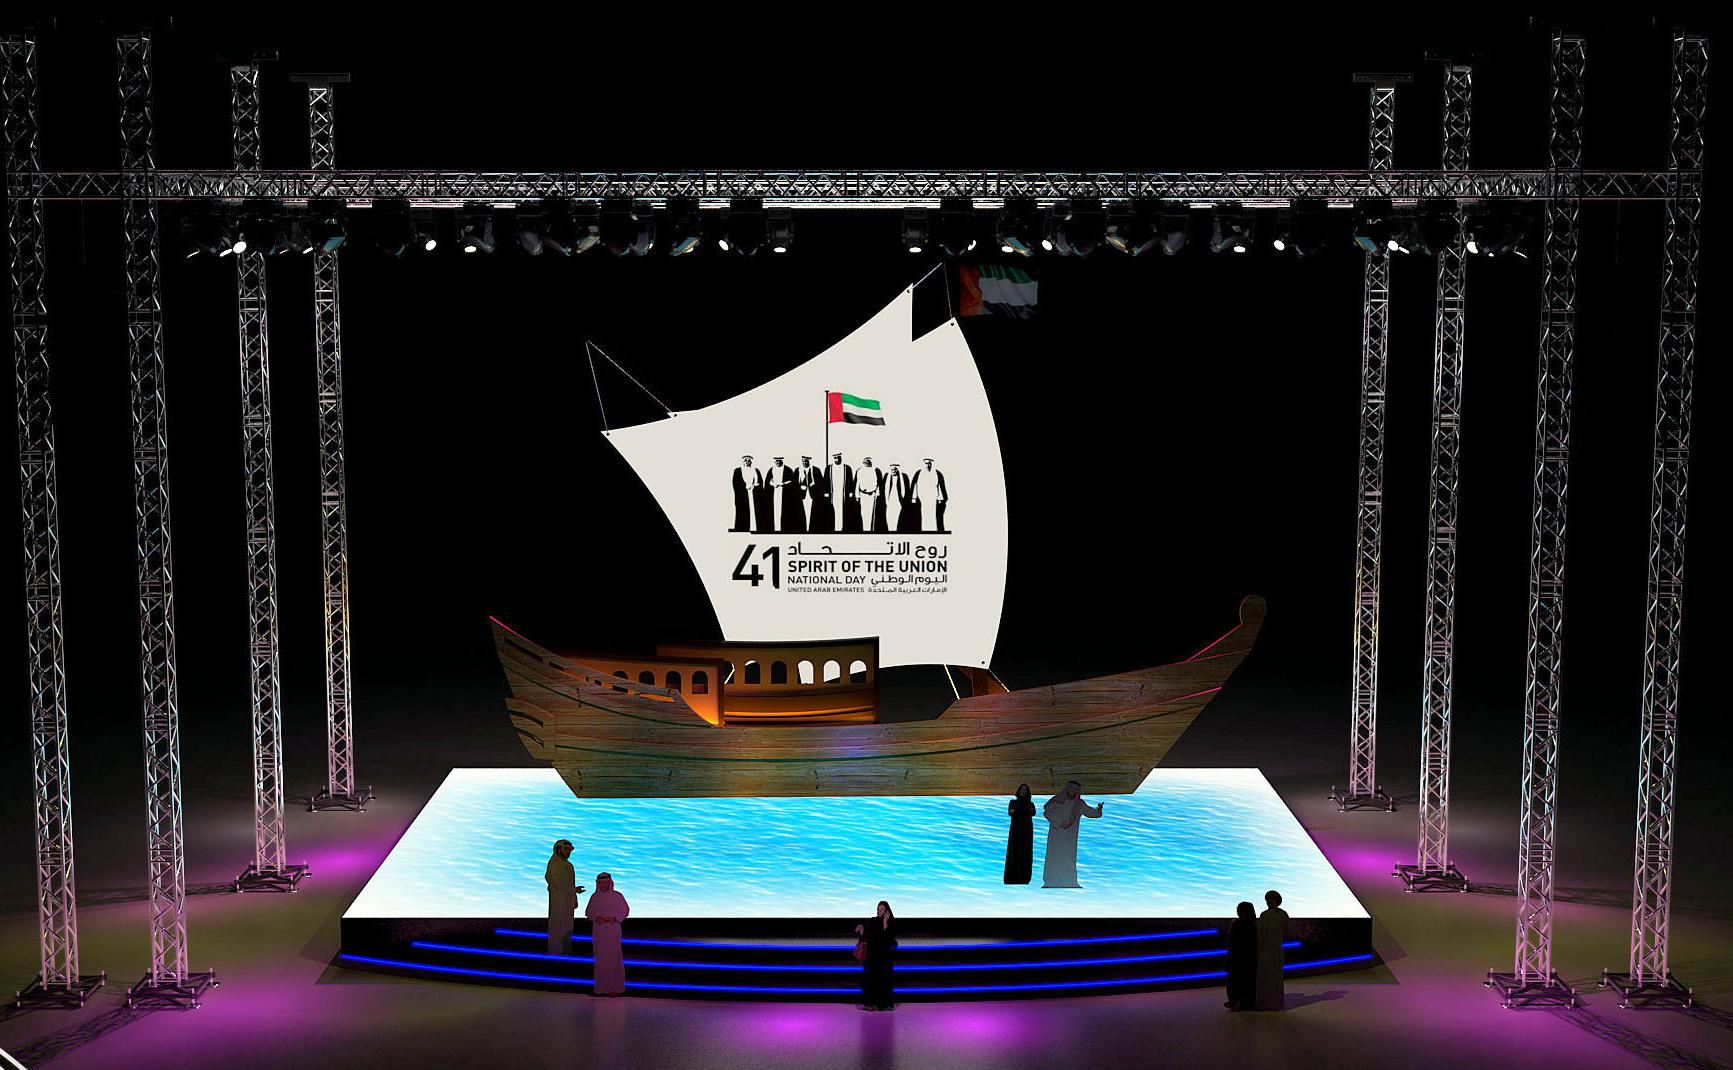 National Day 41 – Jumeirah